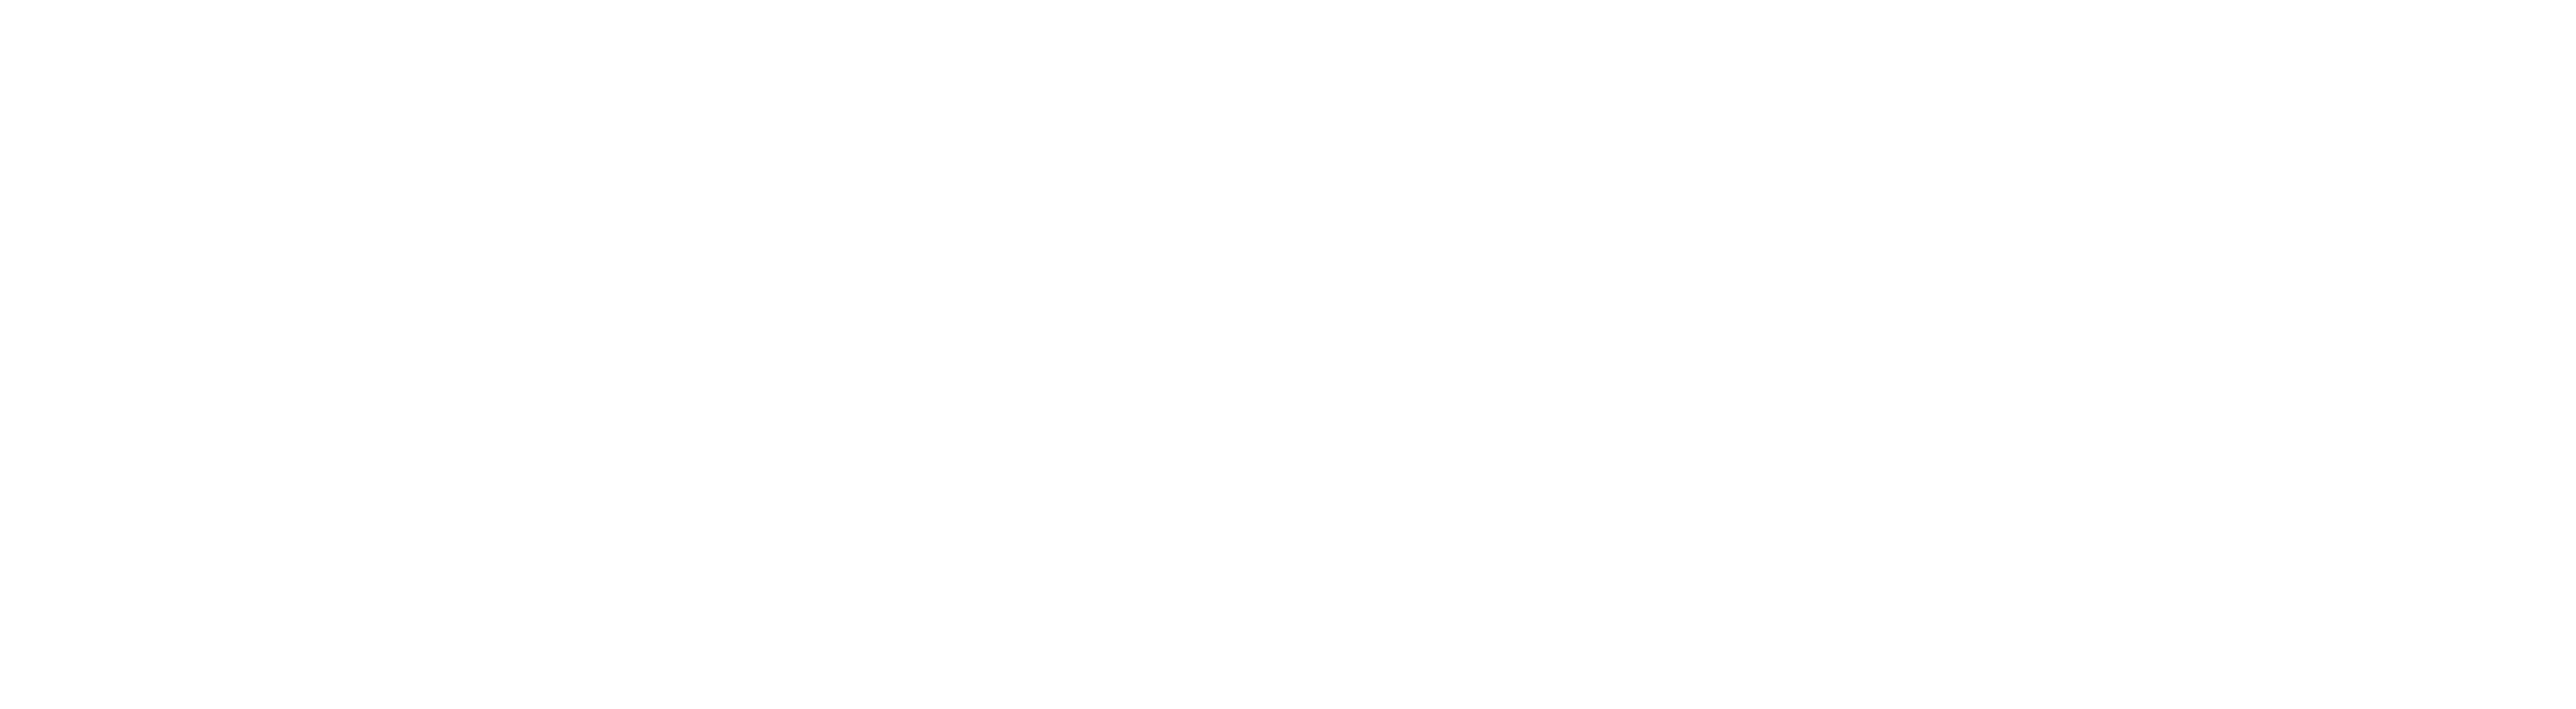 ronny-gaebler.de